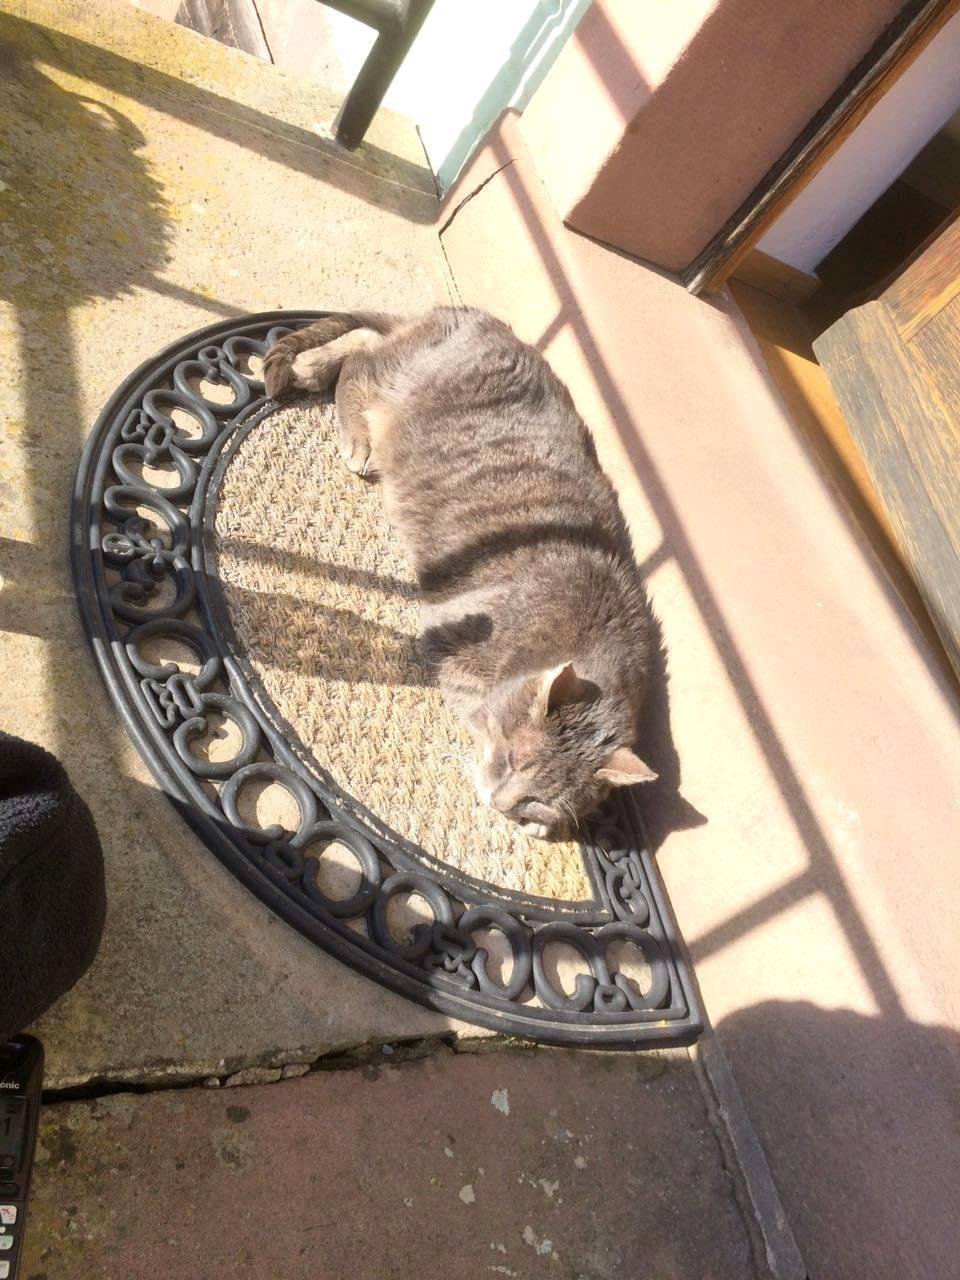 Mein Kater nimmt ein Sonnenbad